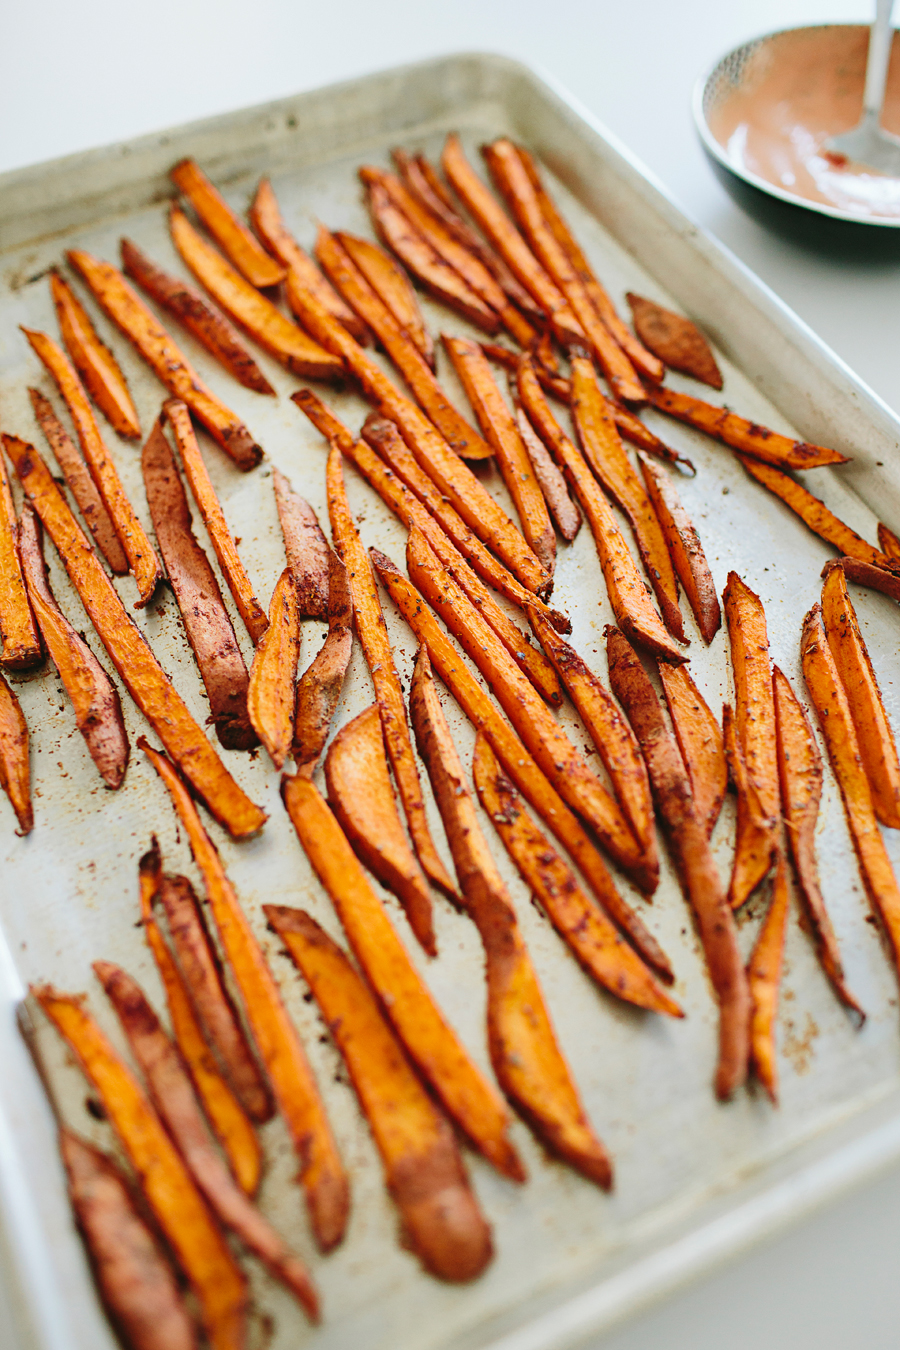 brookecourtney_sweetpotatofries_ovenbaked_frysauce-16.jpg